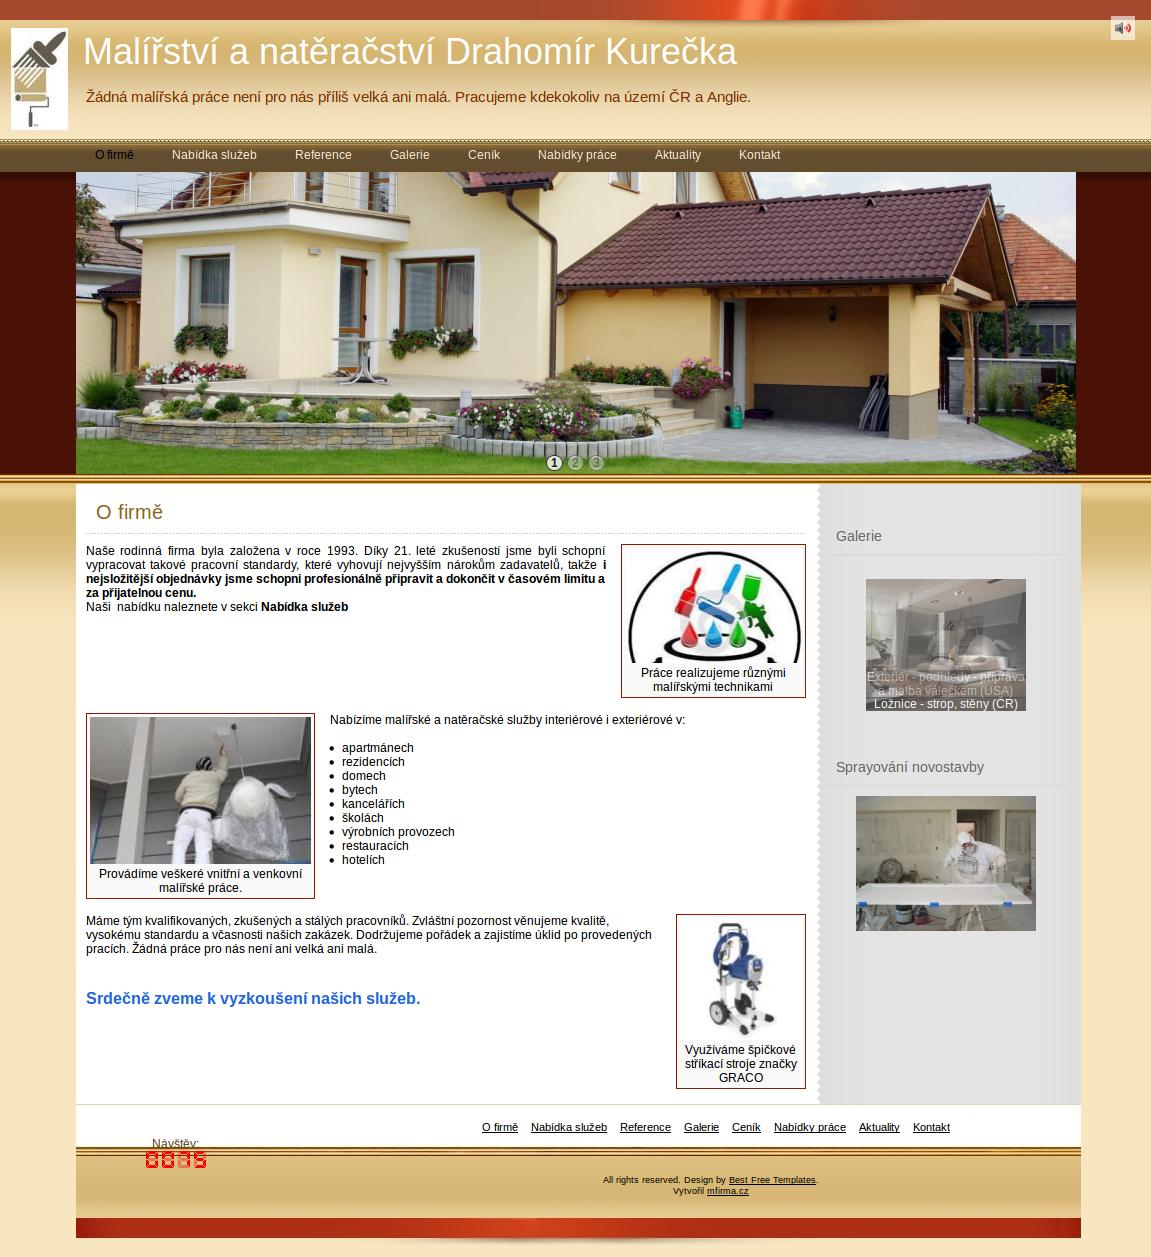 Příklad webové stránky pro renovační služby - Malířství a natěračství Drahomír Kurečka